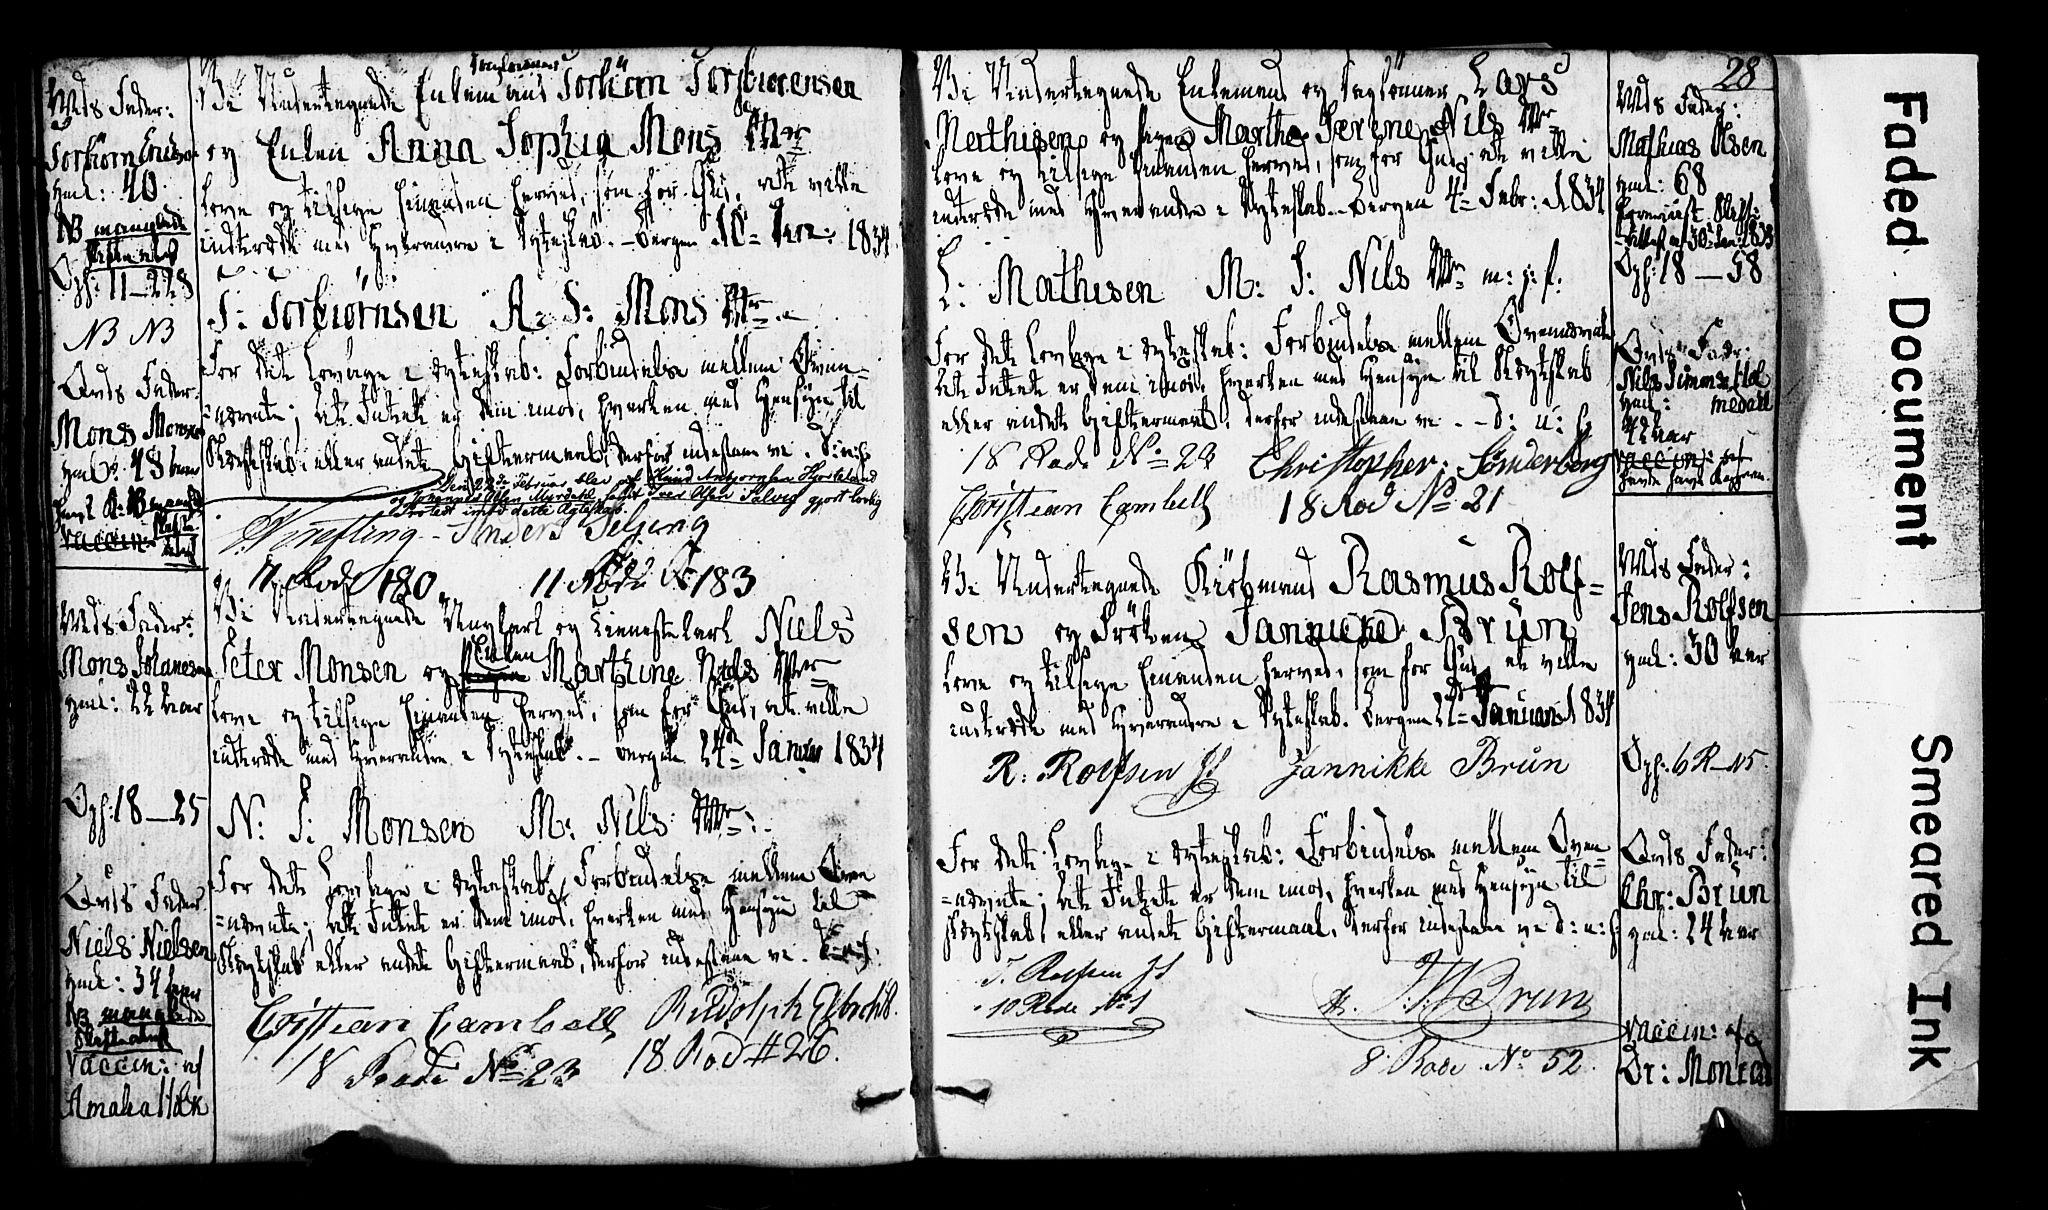 SAB, Domkirken Sokneprestembete, Forlovererklæringer nr. II.5.3, 1832-1845, s. 28